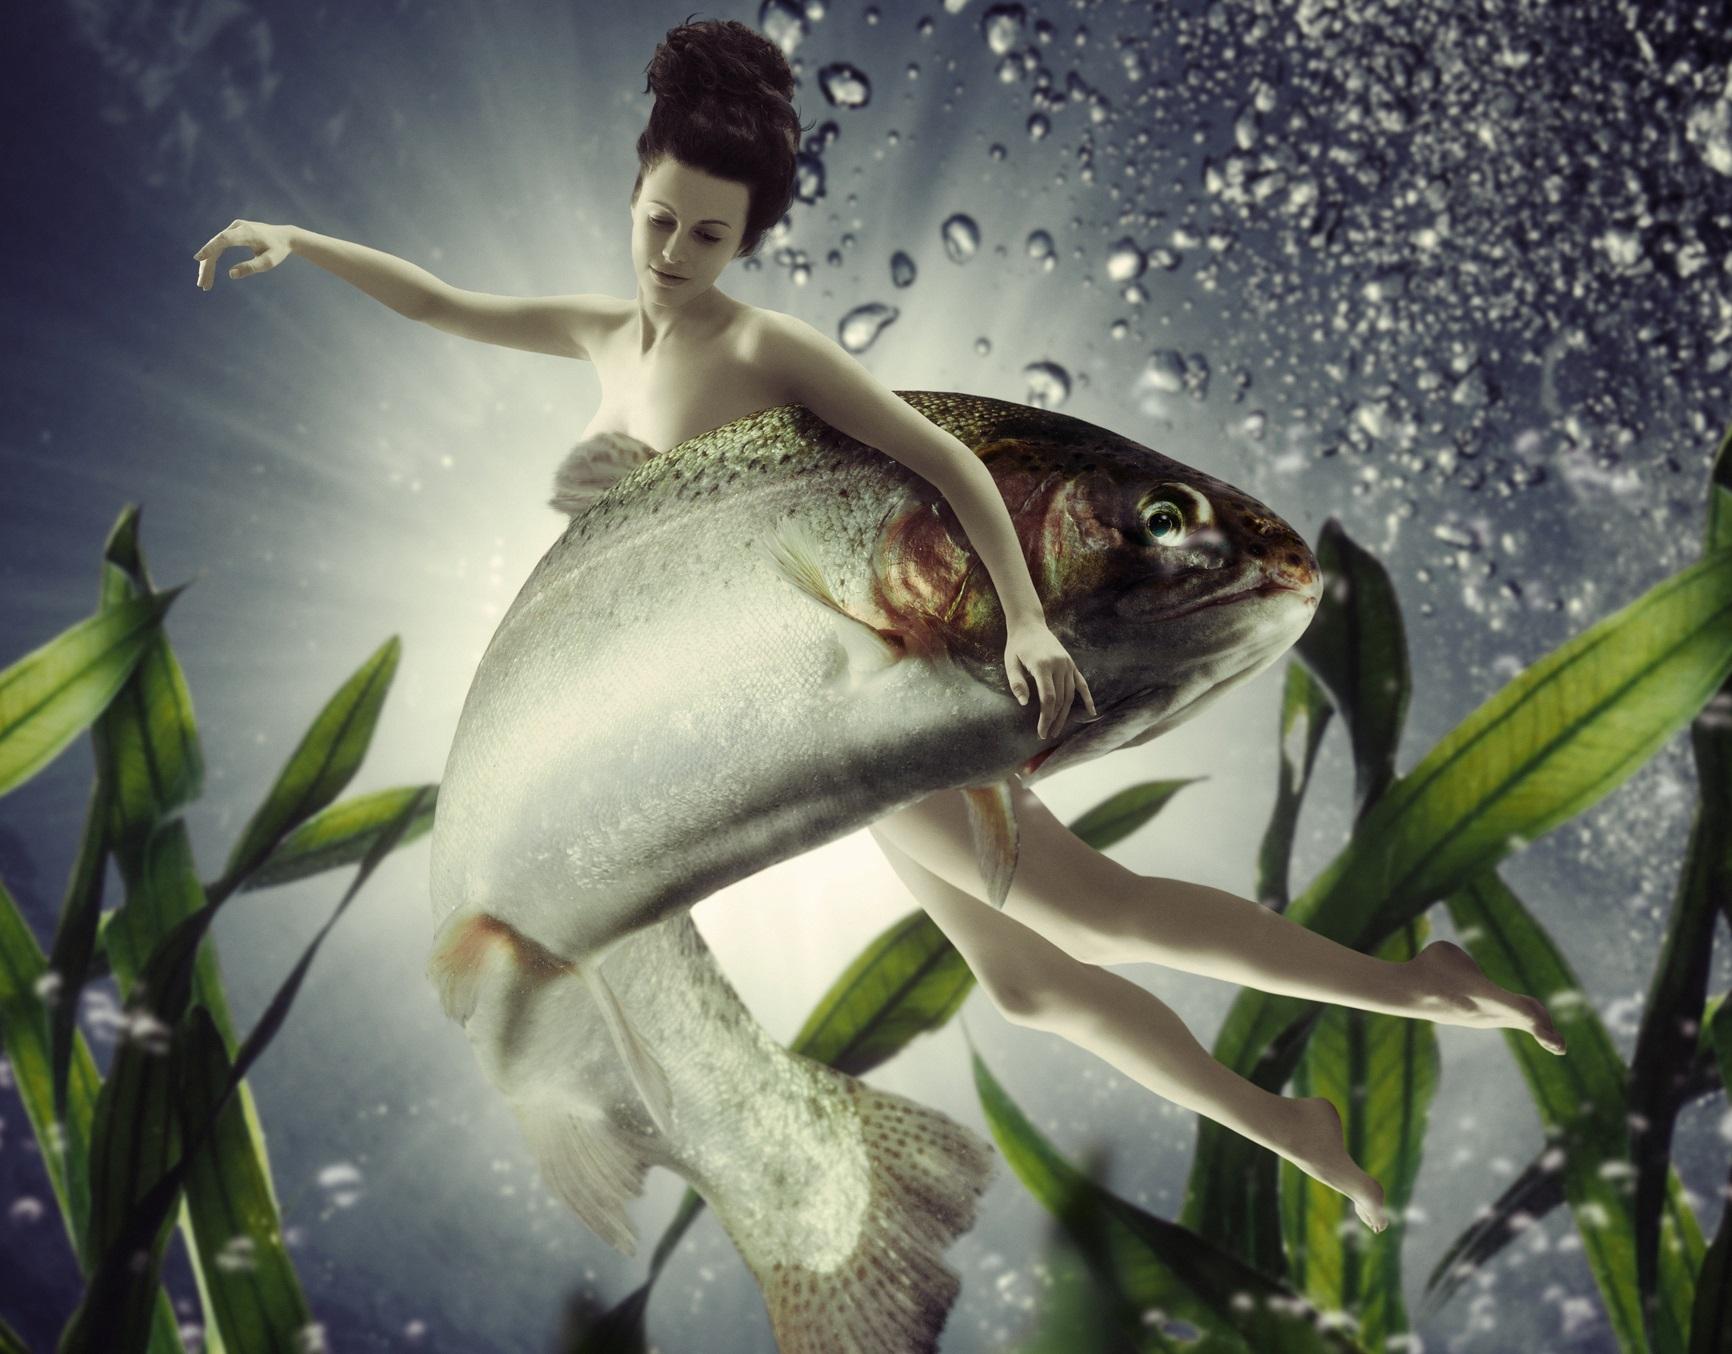 <p>Риби</p>  <p>Желае да се фокусира върху личния си живот и да отделя повече време за партньора си.</p>